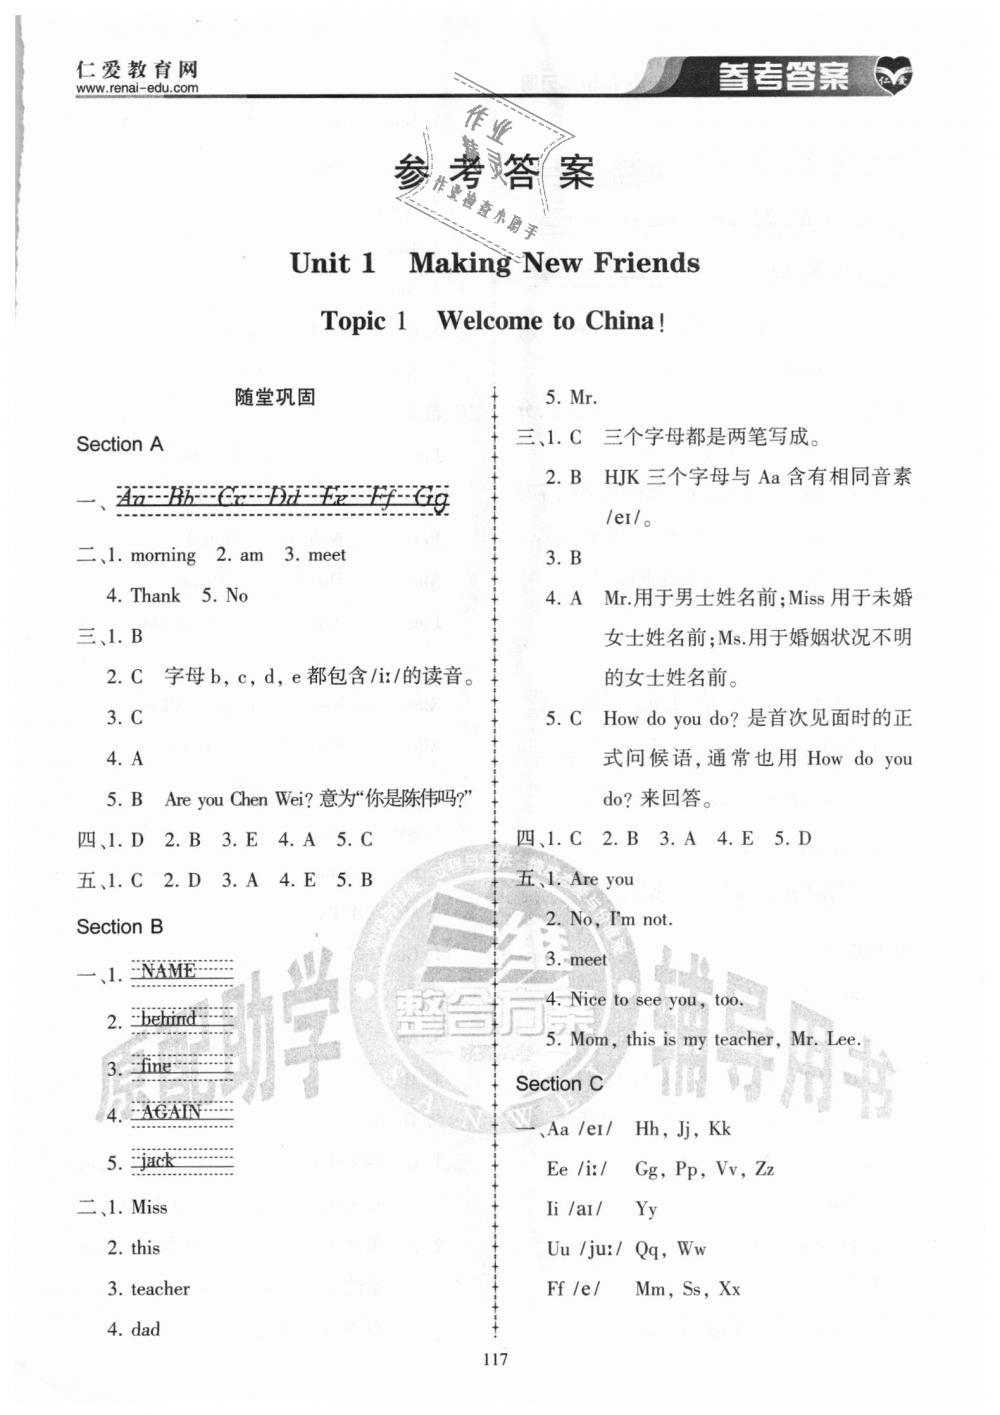 2018年仁爱人人中彩票安卓同步练习册七年级上册第1页